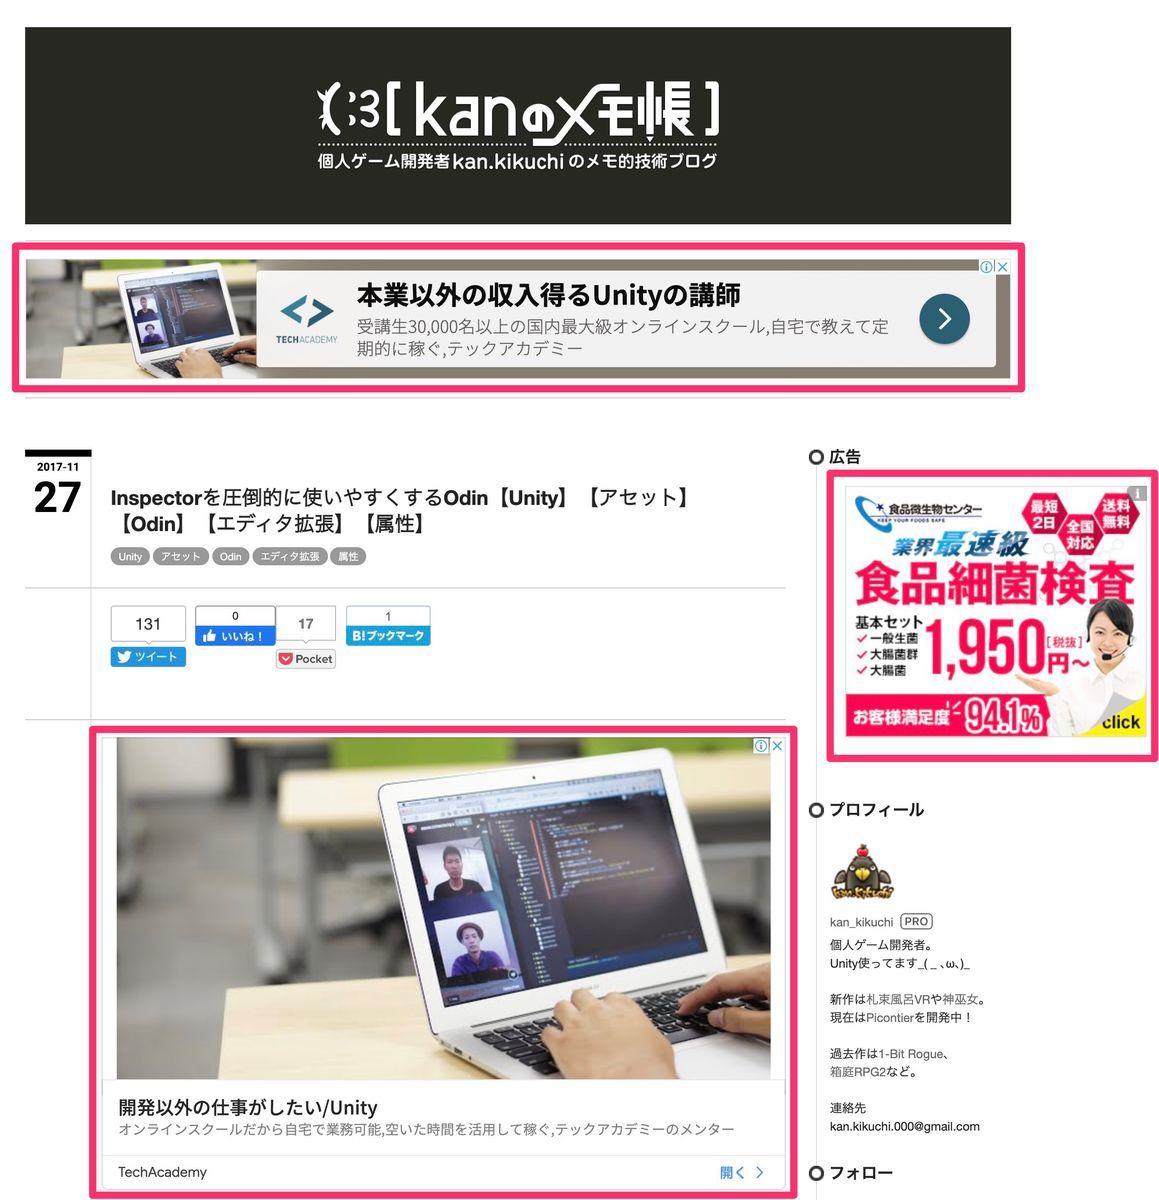 f:id:kan_kikuchi:20201229072914j:plain